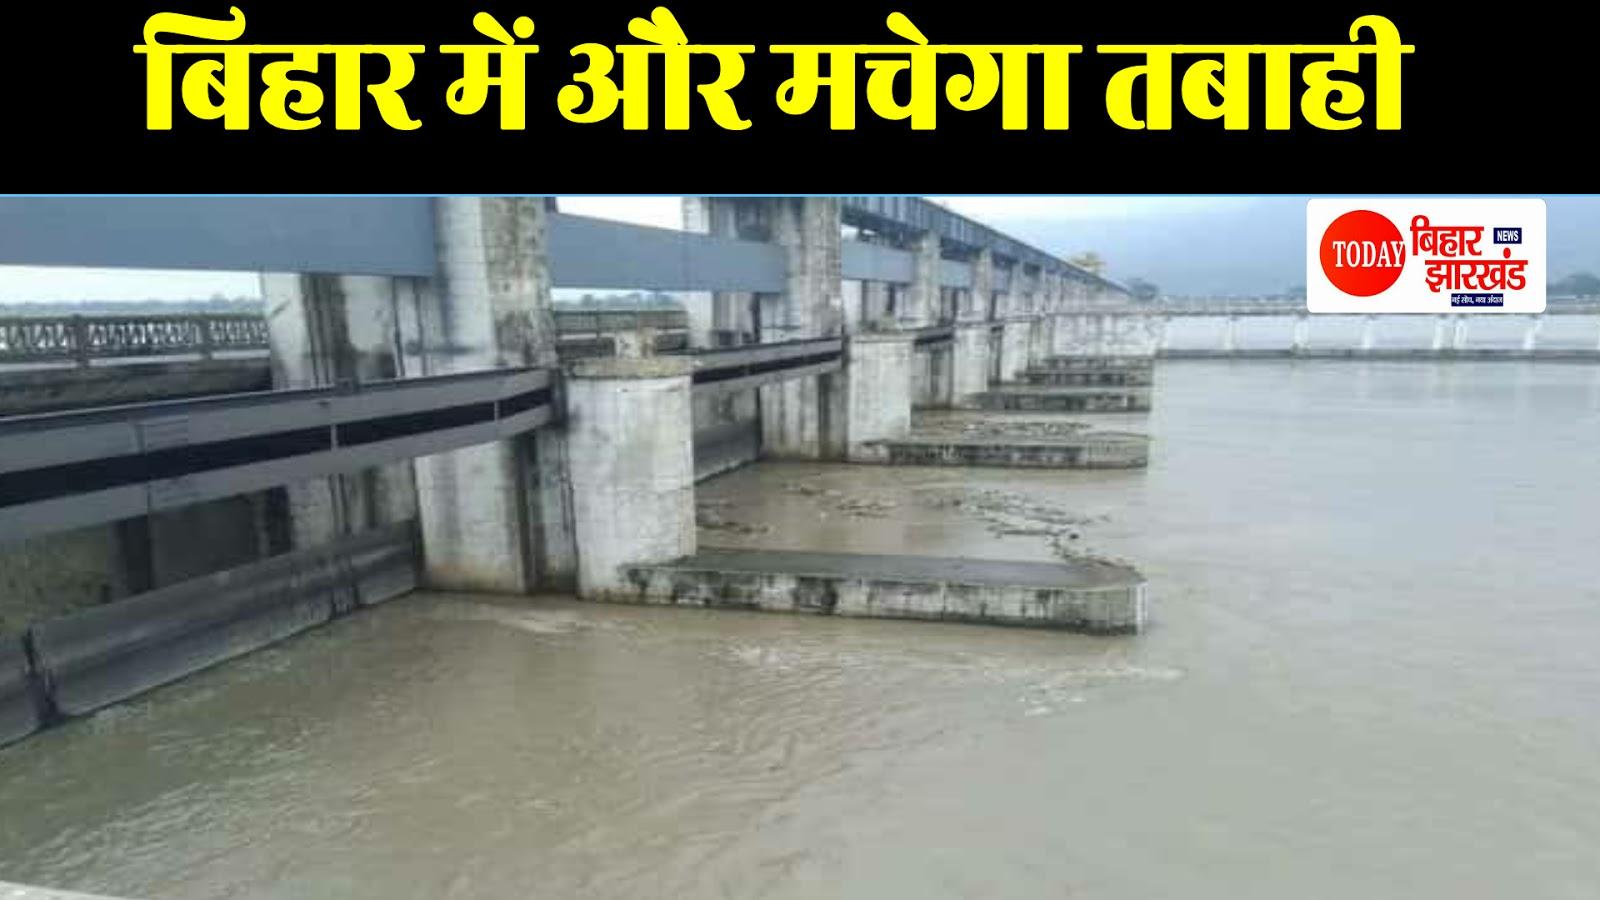 वाल्मीकिनगर बराज से ढाई लाख क्यूसेक पानी छोड़ा गया, उत्तर बिहार में और मचेगी तबाही!